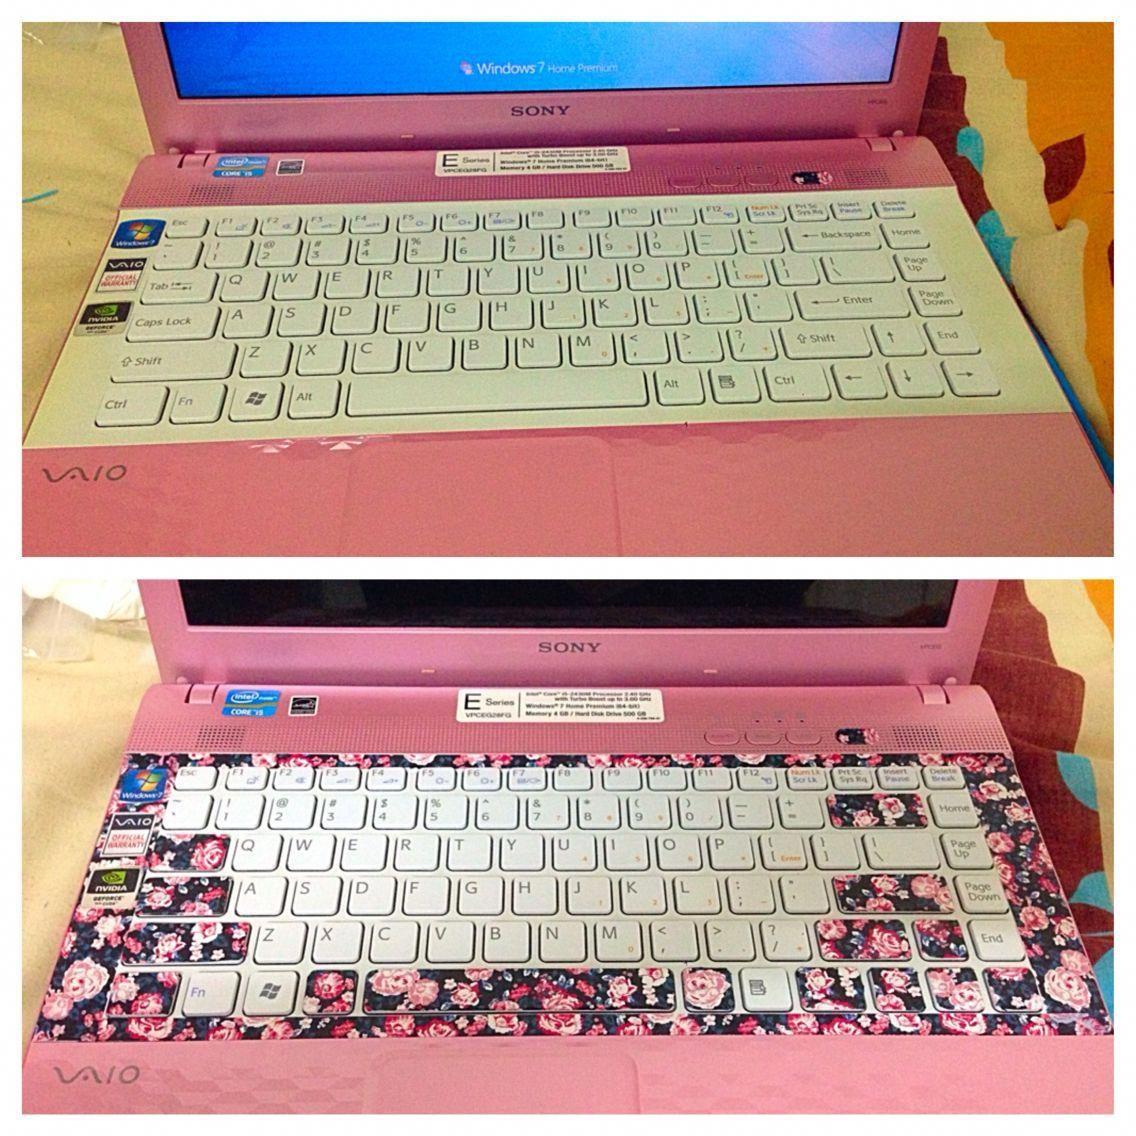 Washi Tapes And Re Designing Laptop Keyboard Keys Laptopsdiy In